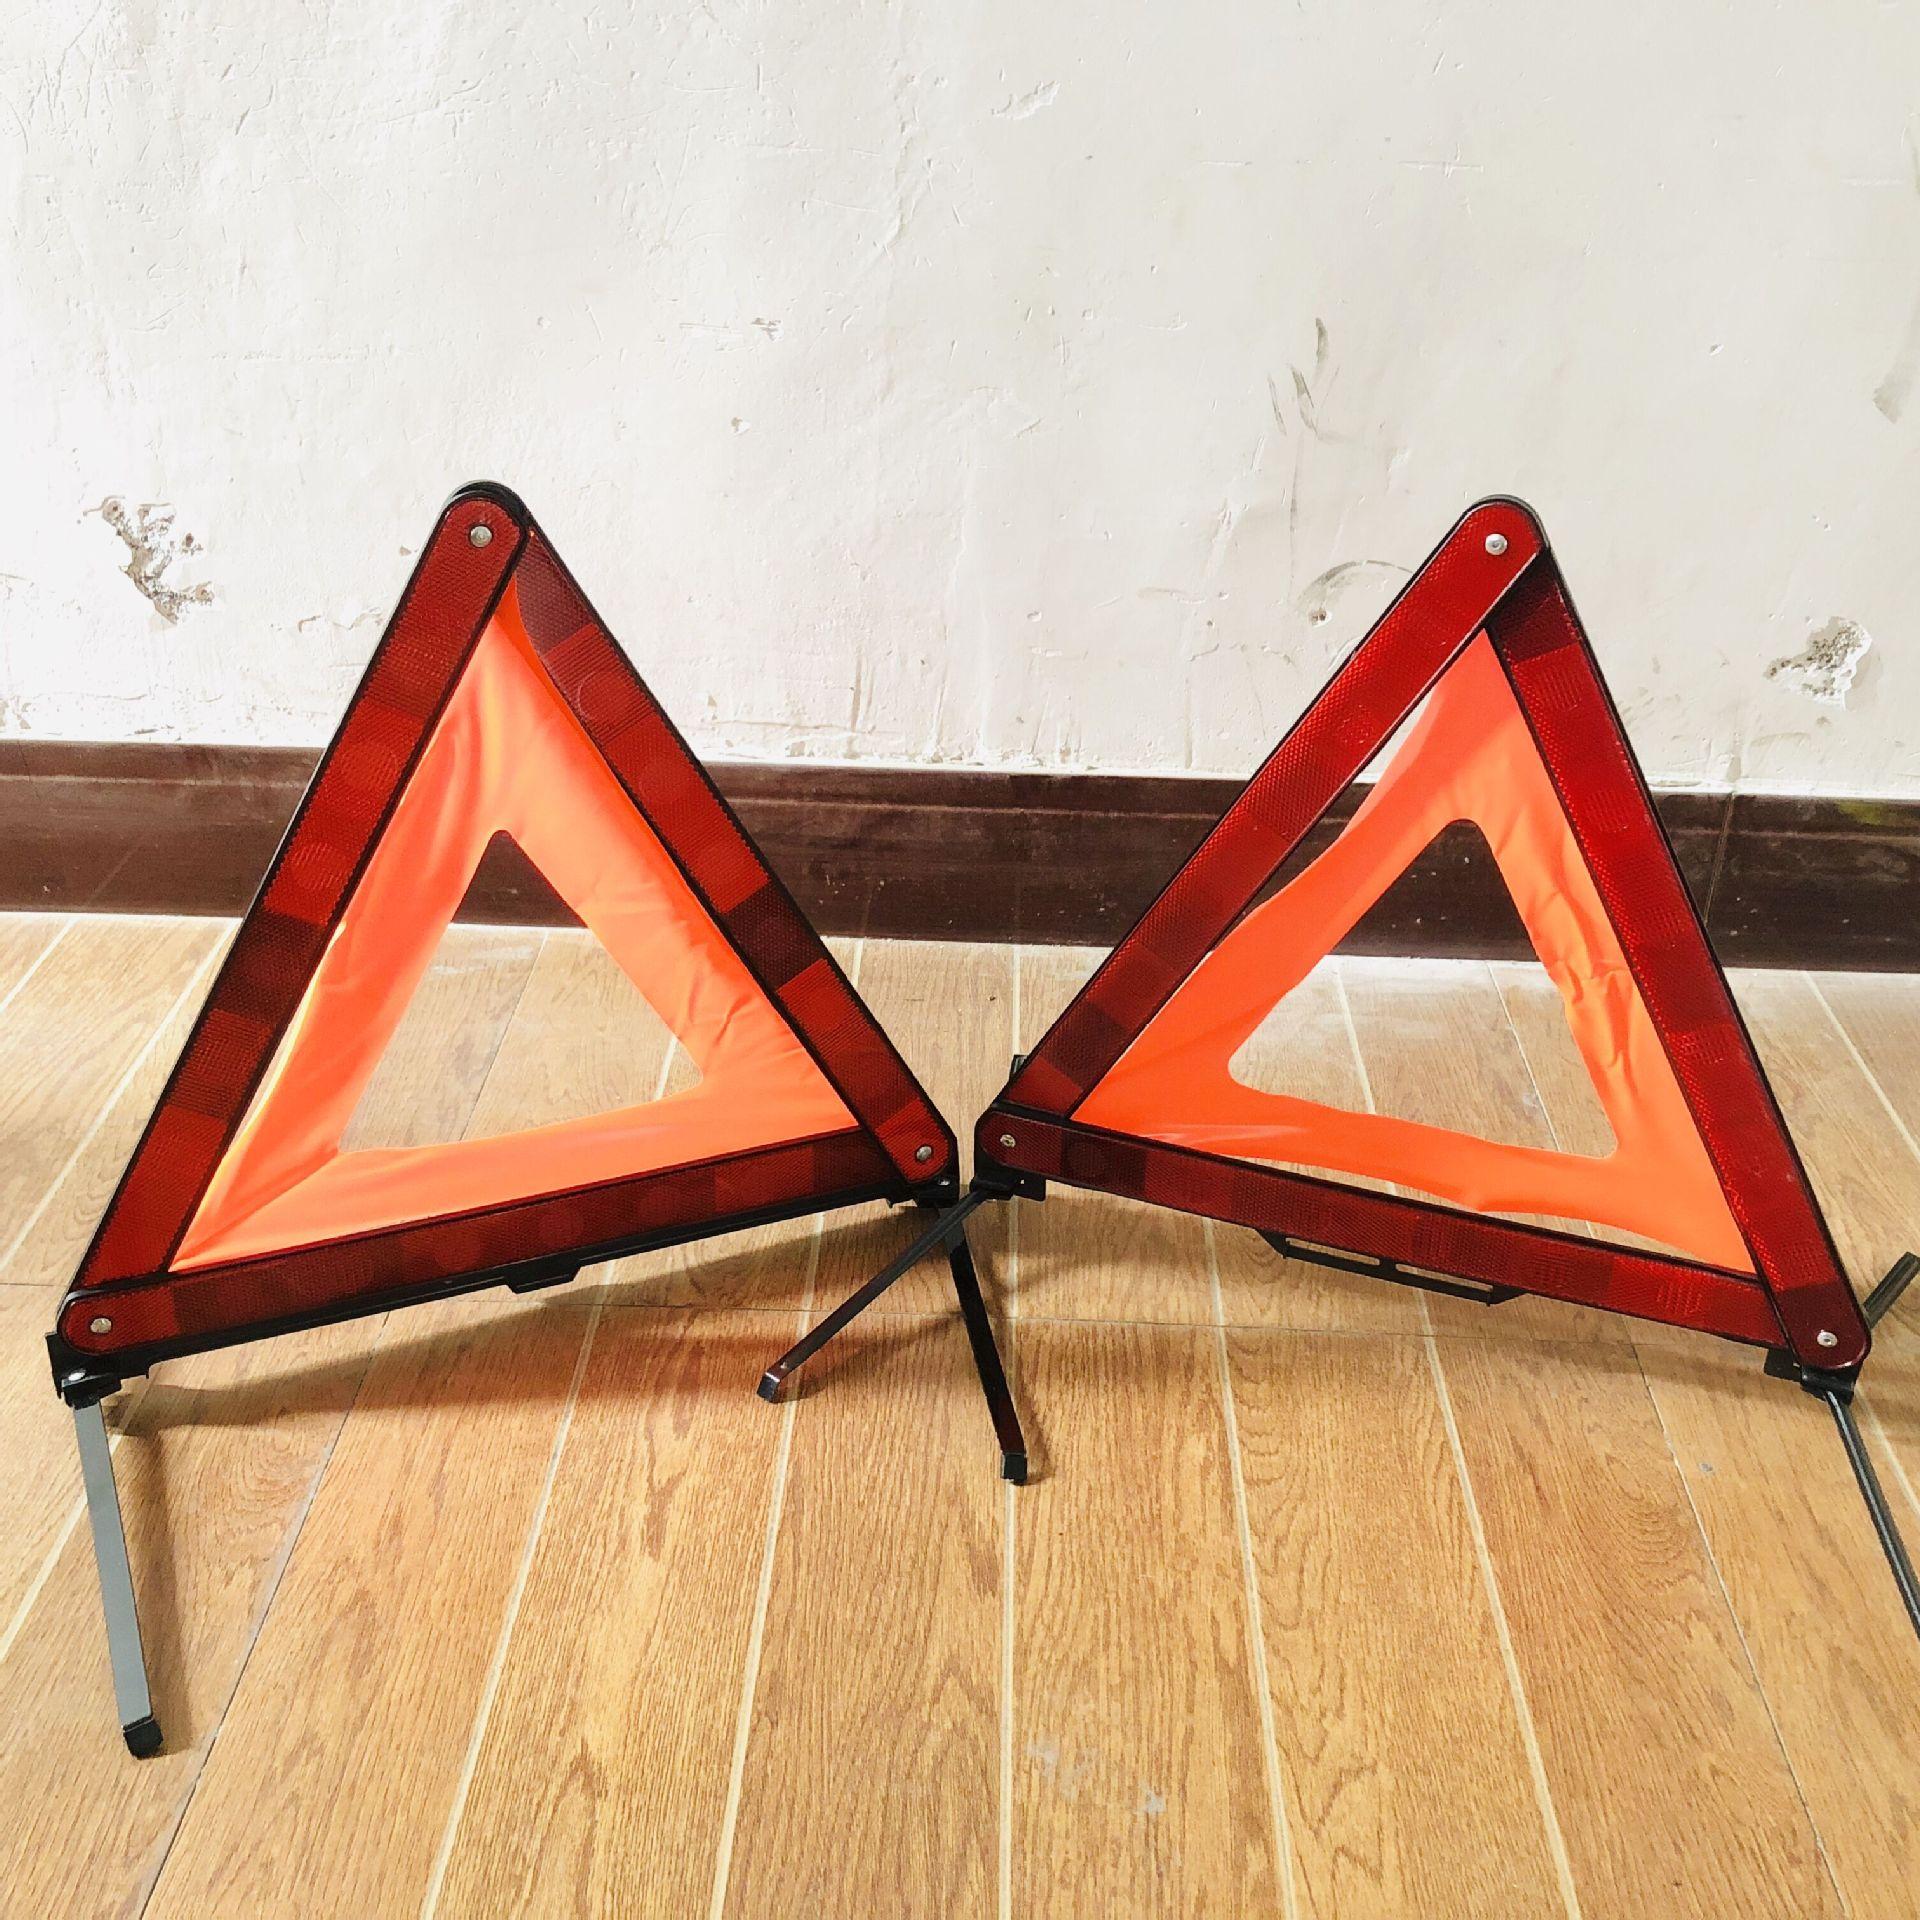 警示牌三脚架车用故障反光停车安全国标 三角架 小红盒